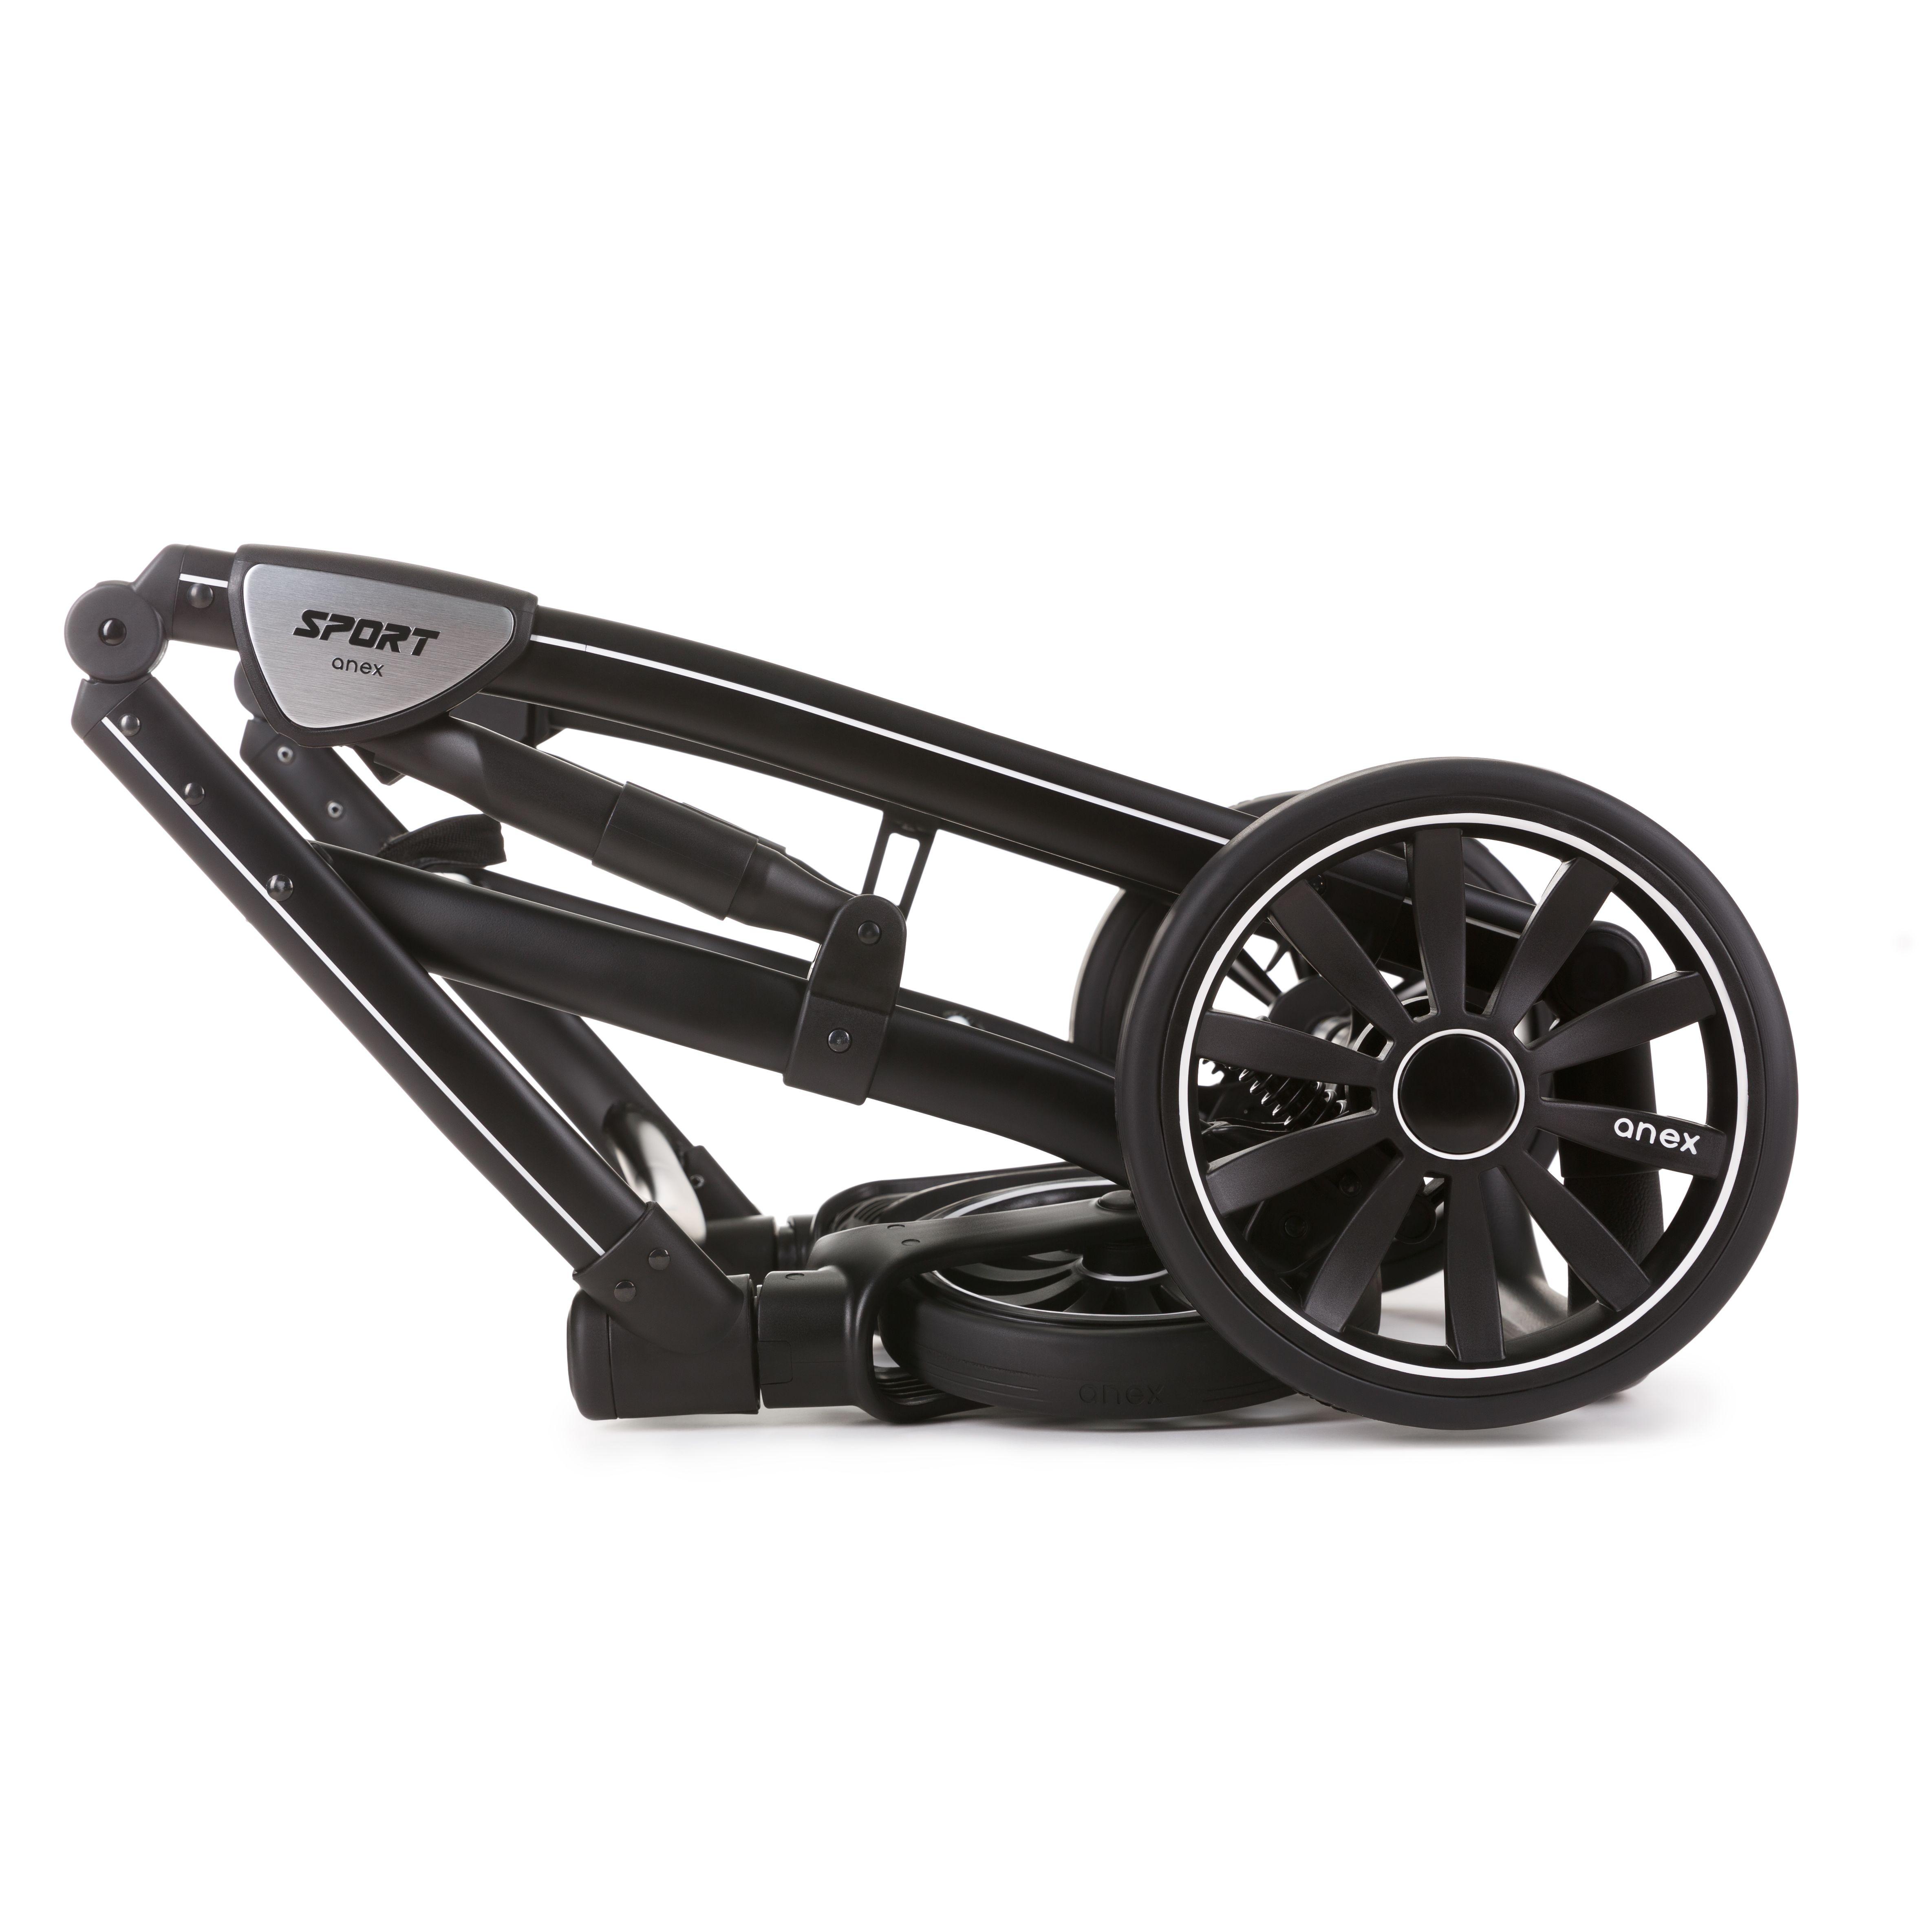 Коляска Anex Sport 2в1 black form 2.0